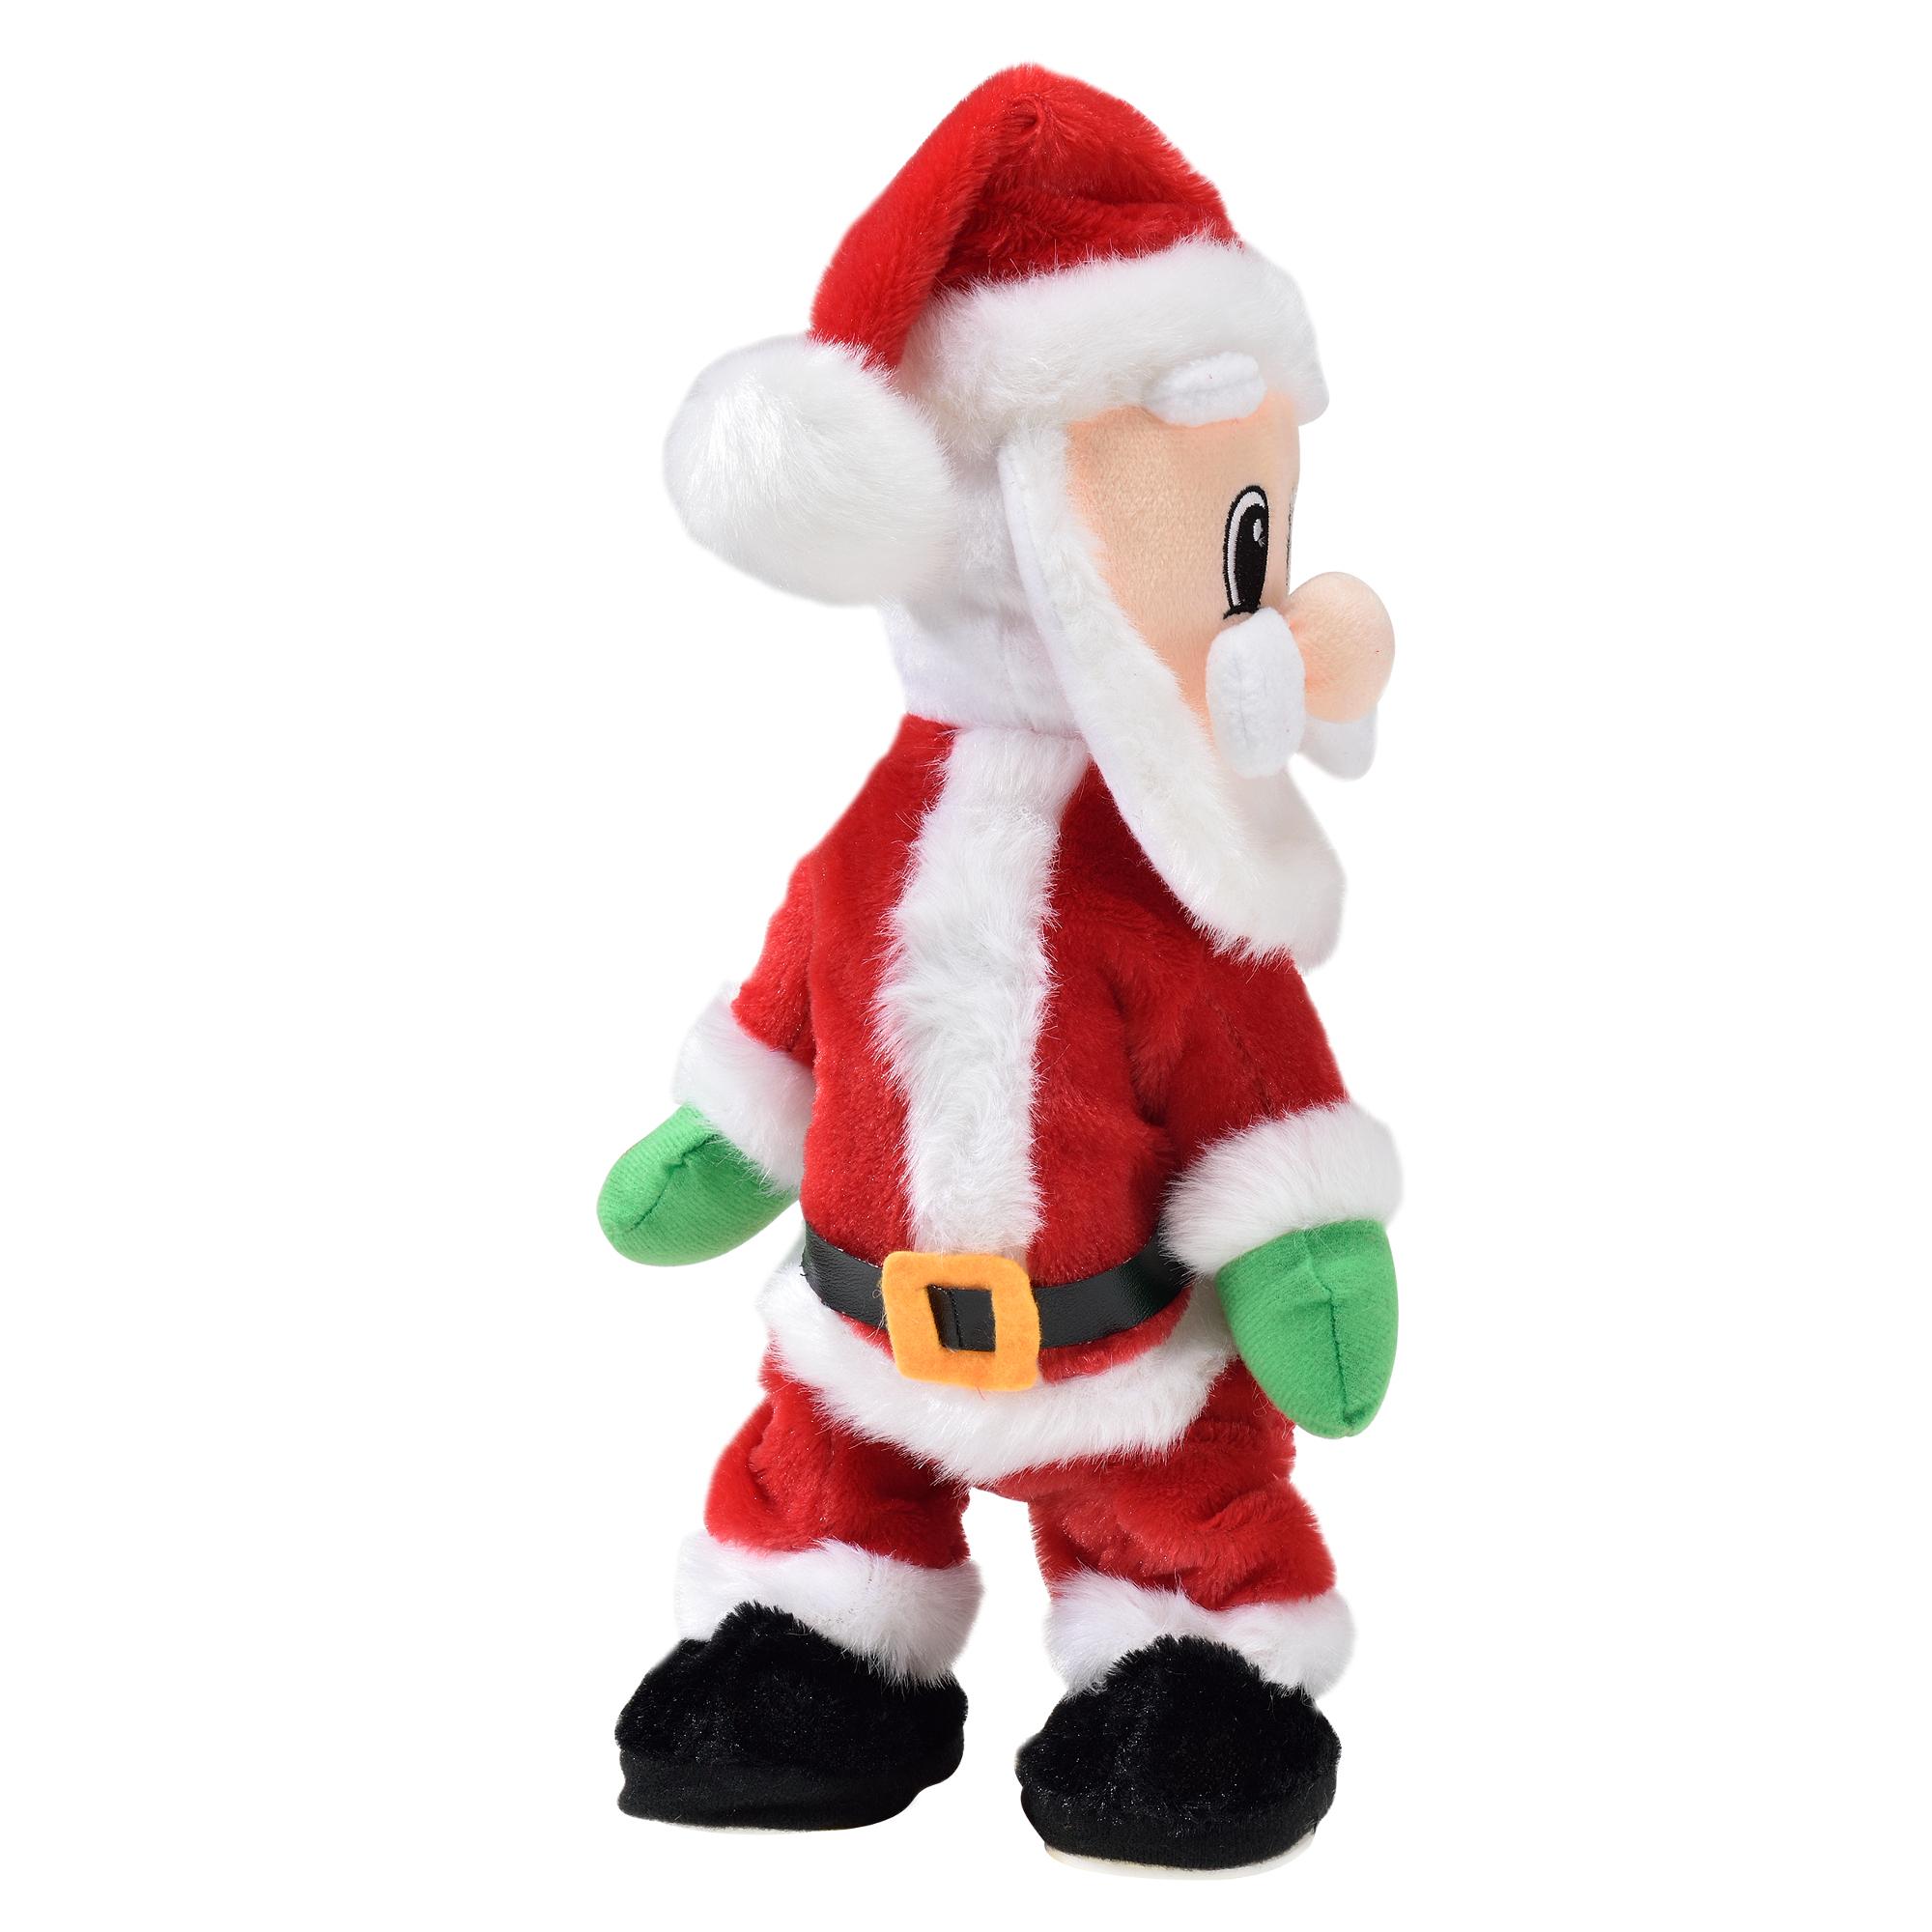 Details Zu Singender Weihnachtsmann Tanzend Weihnachts Mütze Deko  Weihnachten Rentier Baum über Welche Farbe Hatte Das Gewand Des Weihnachtsmanns Ursprünglich